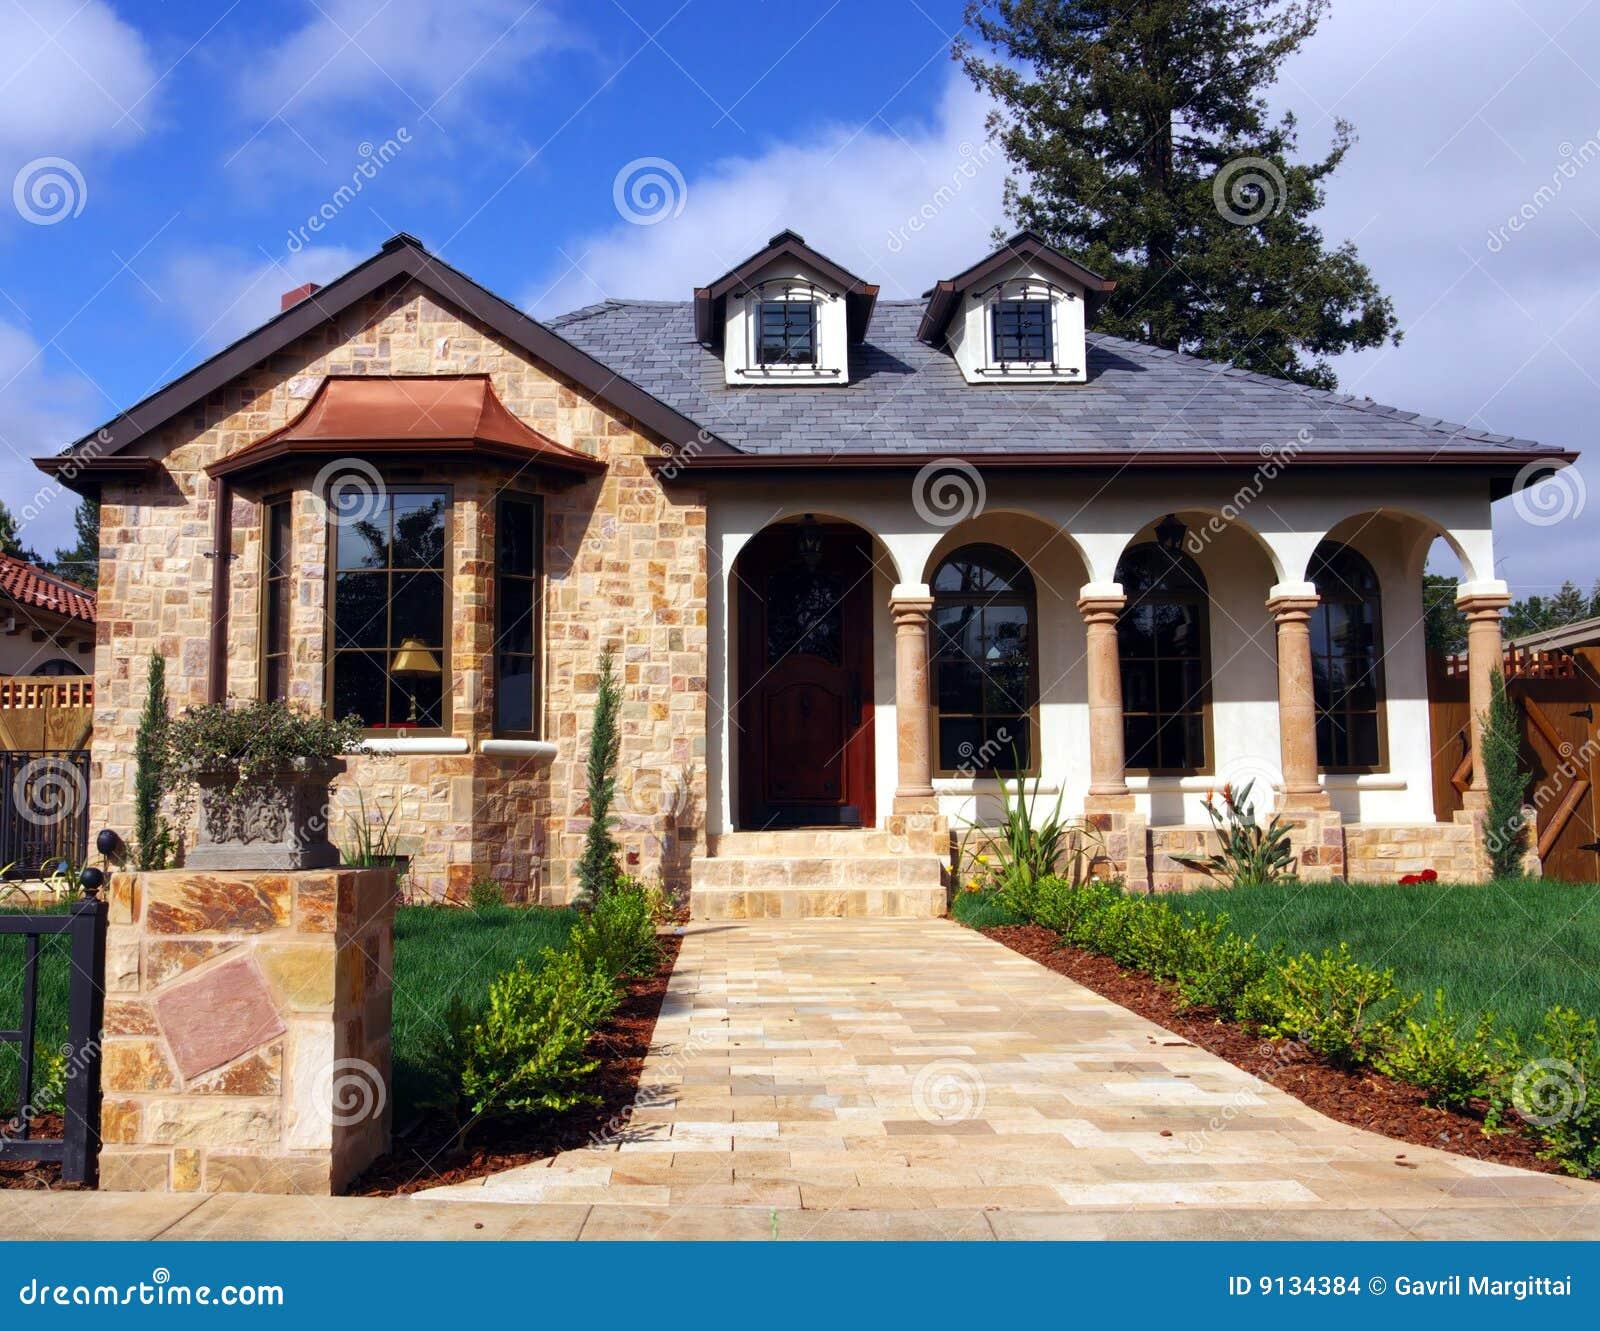 Casa con la fachada de piedra foto de archivo imagen de for Casas con piedras en la fachada